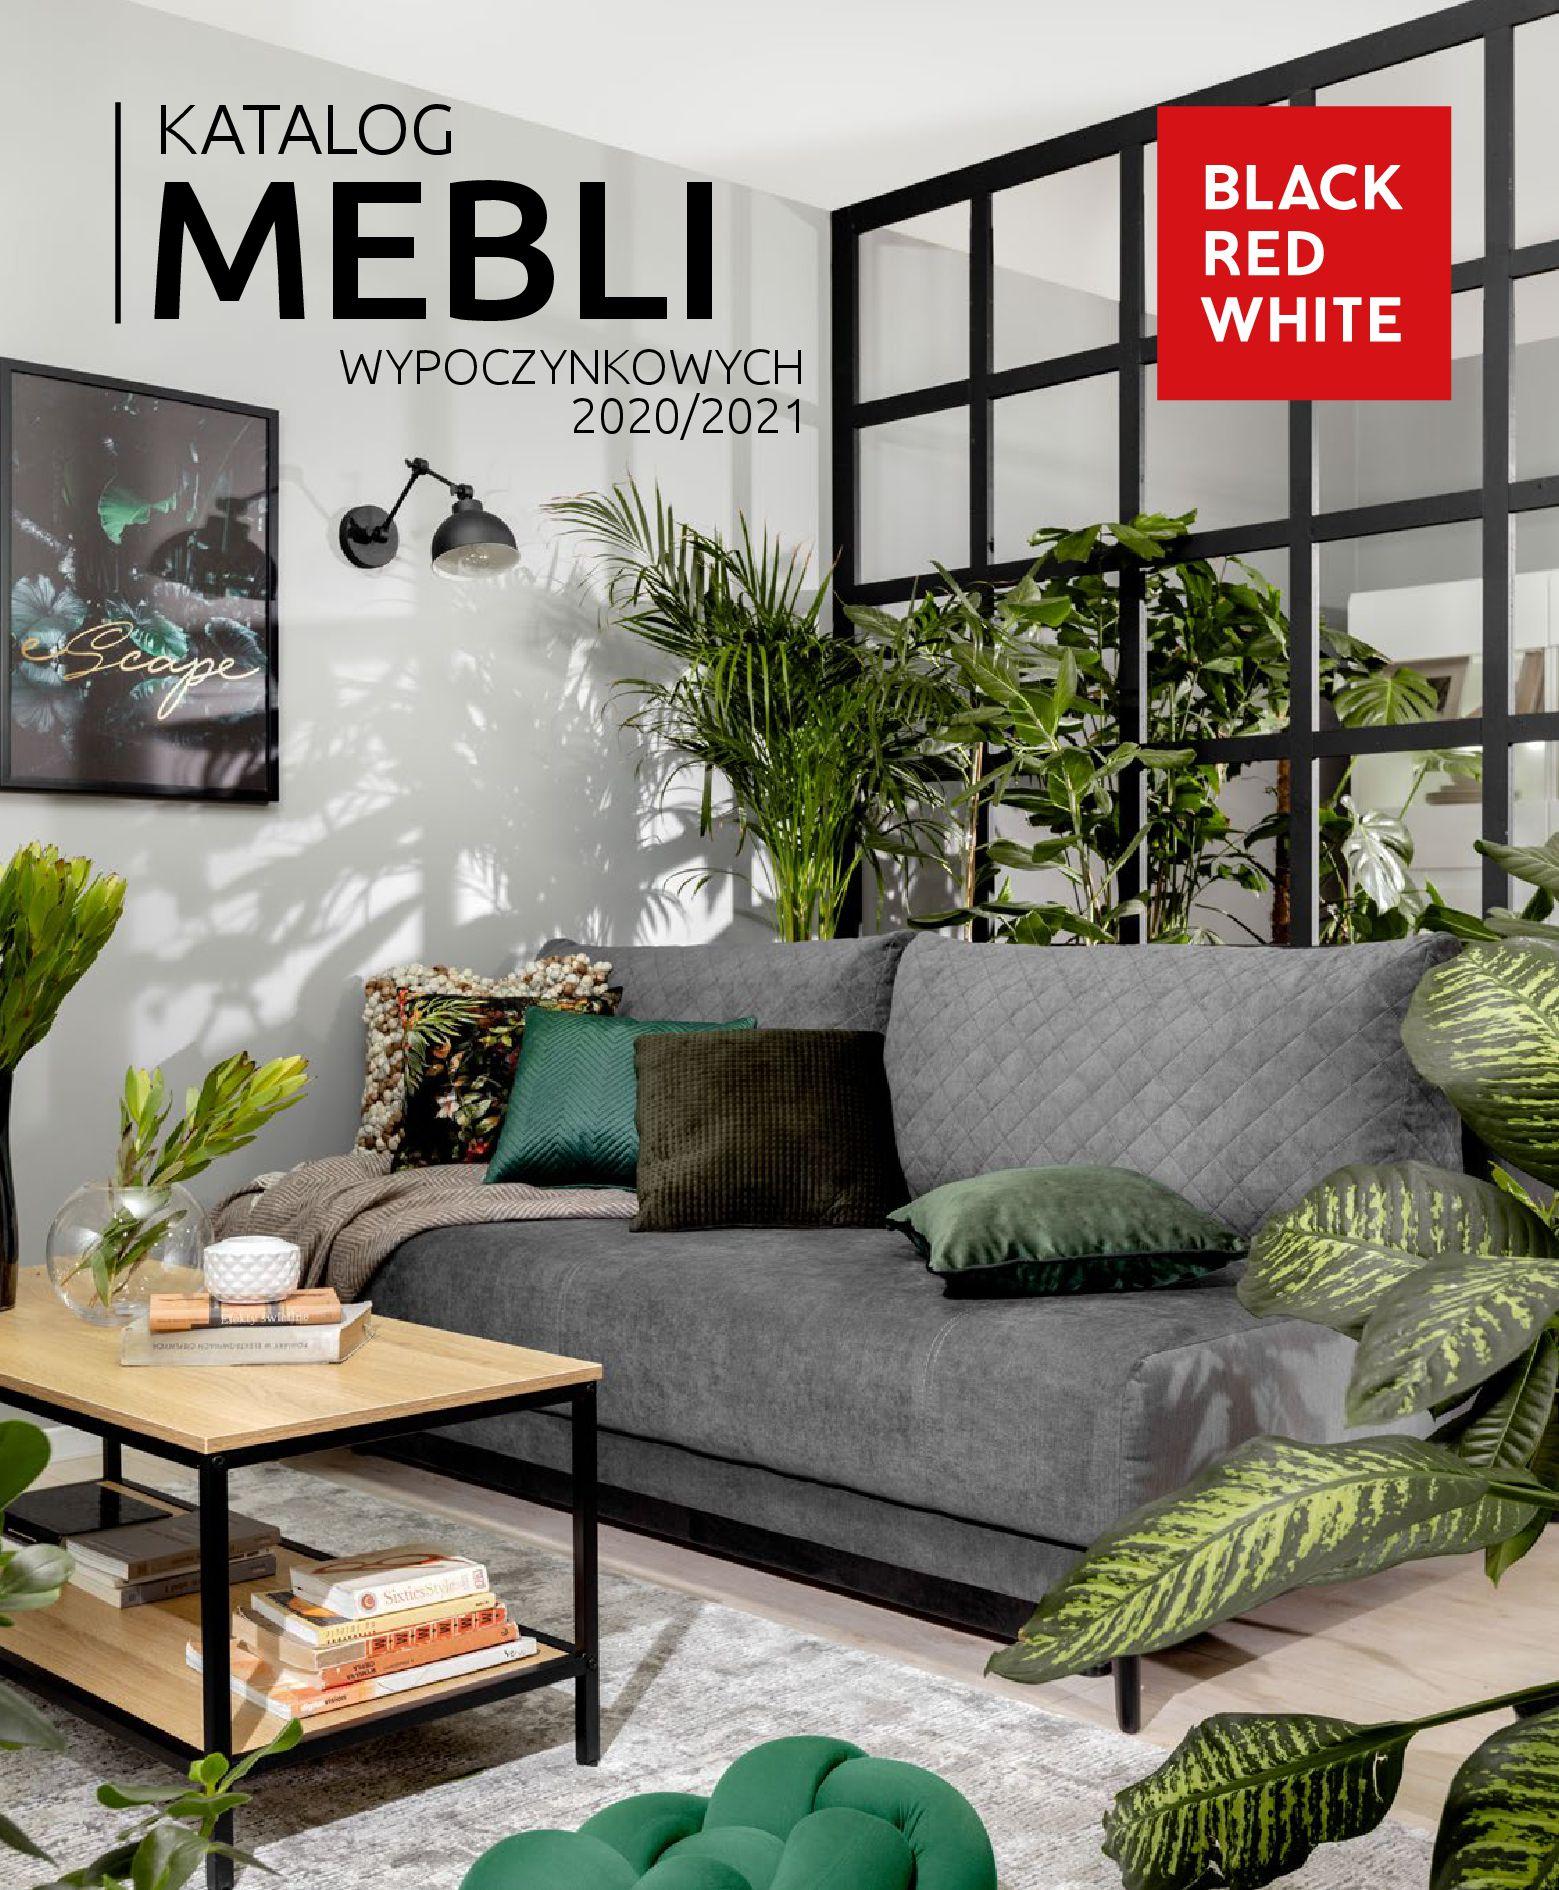 Gazetka Black Red White - Katalog - Meble wypoczynkowe-08.09.2020-31.12.2020-page-1